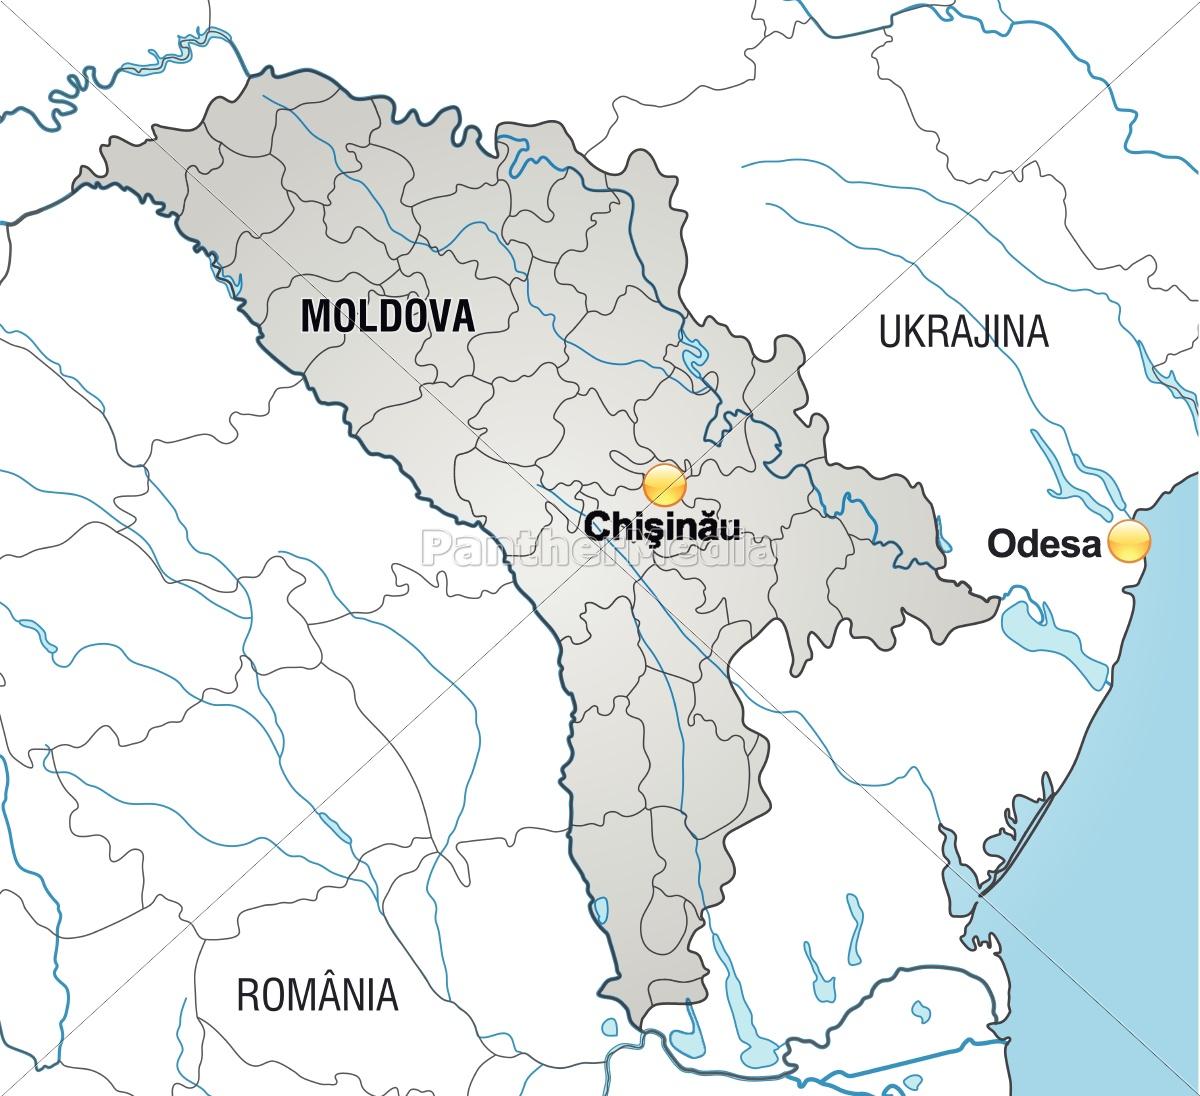 Moldawien Karte.Lizenzfreie Vektorgrafik 10641727 Karte Von Moldawien Mit Grenzen In Grau